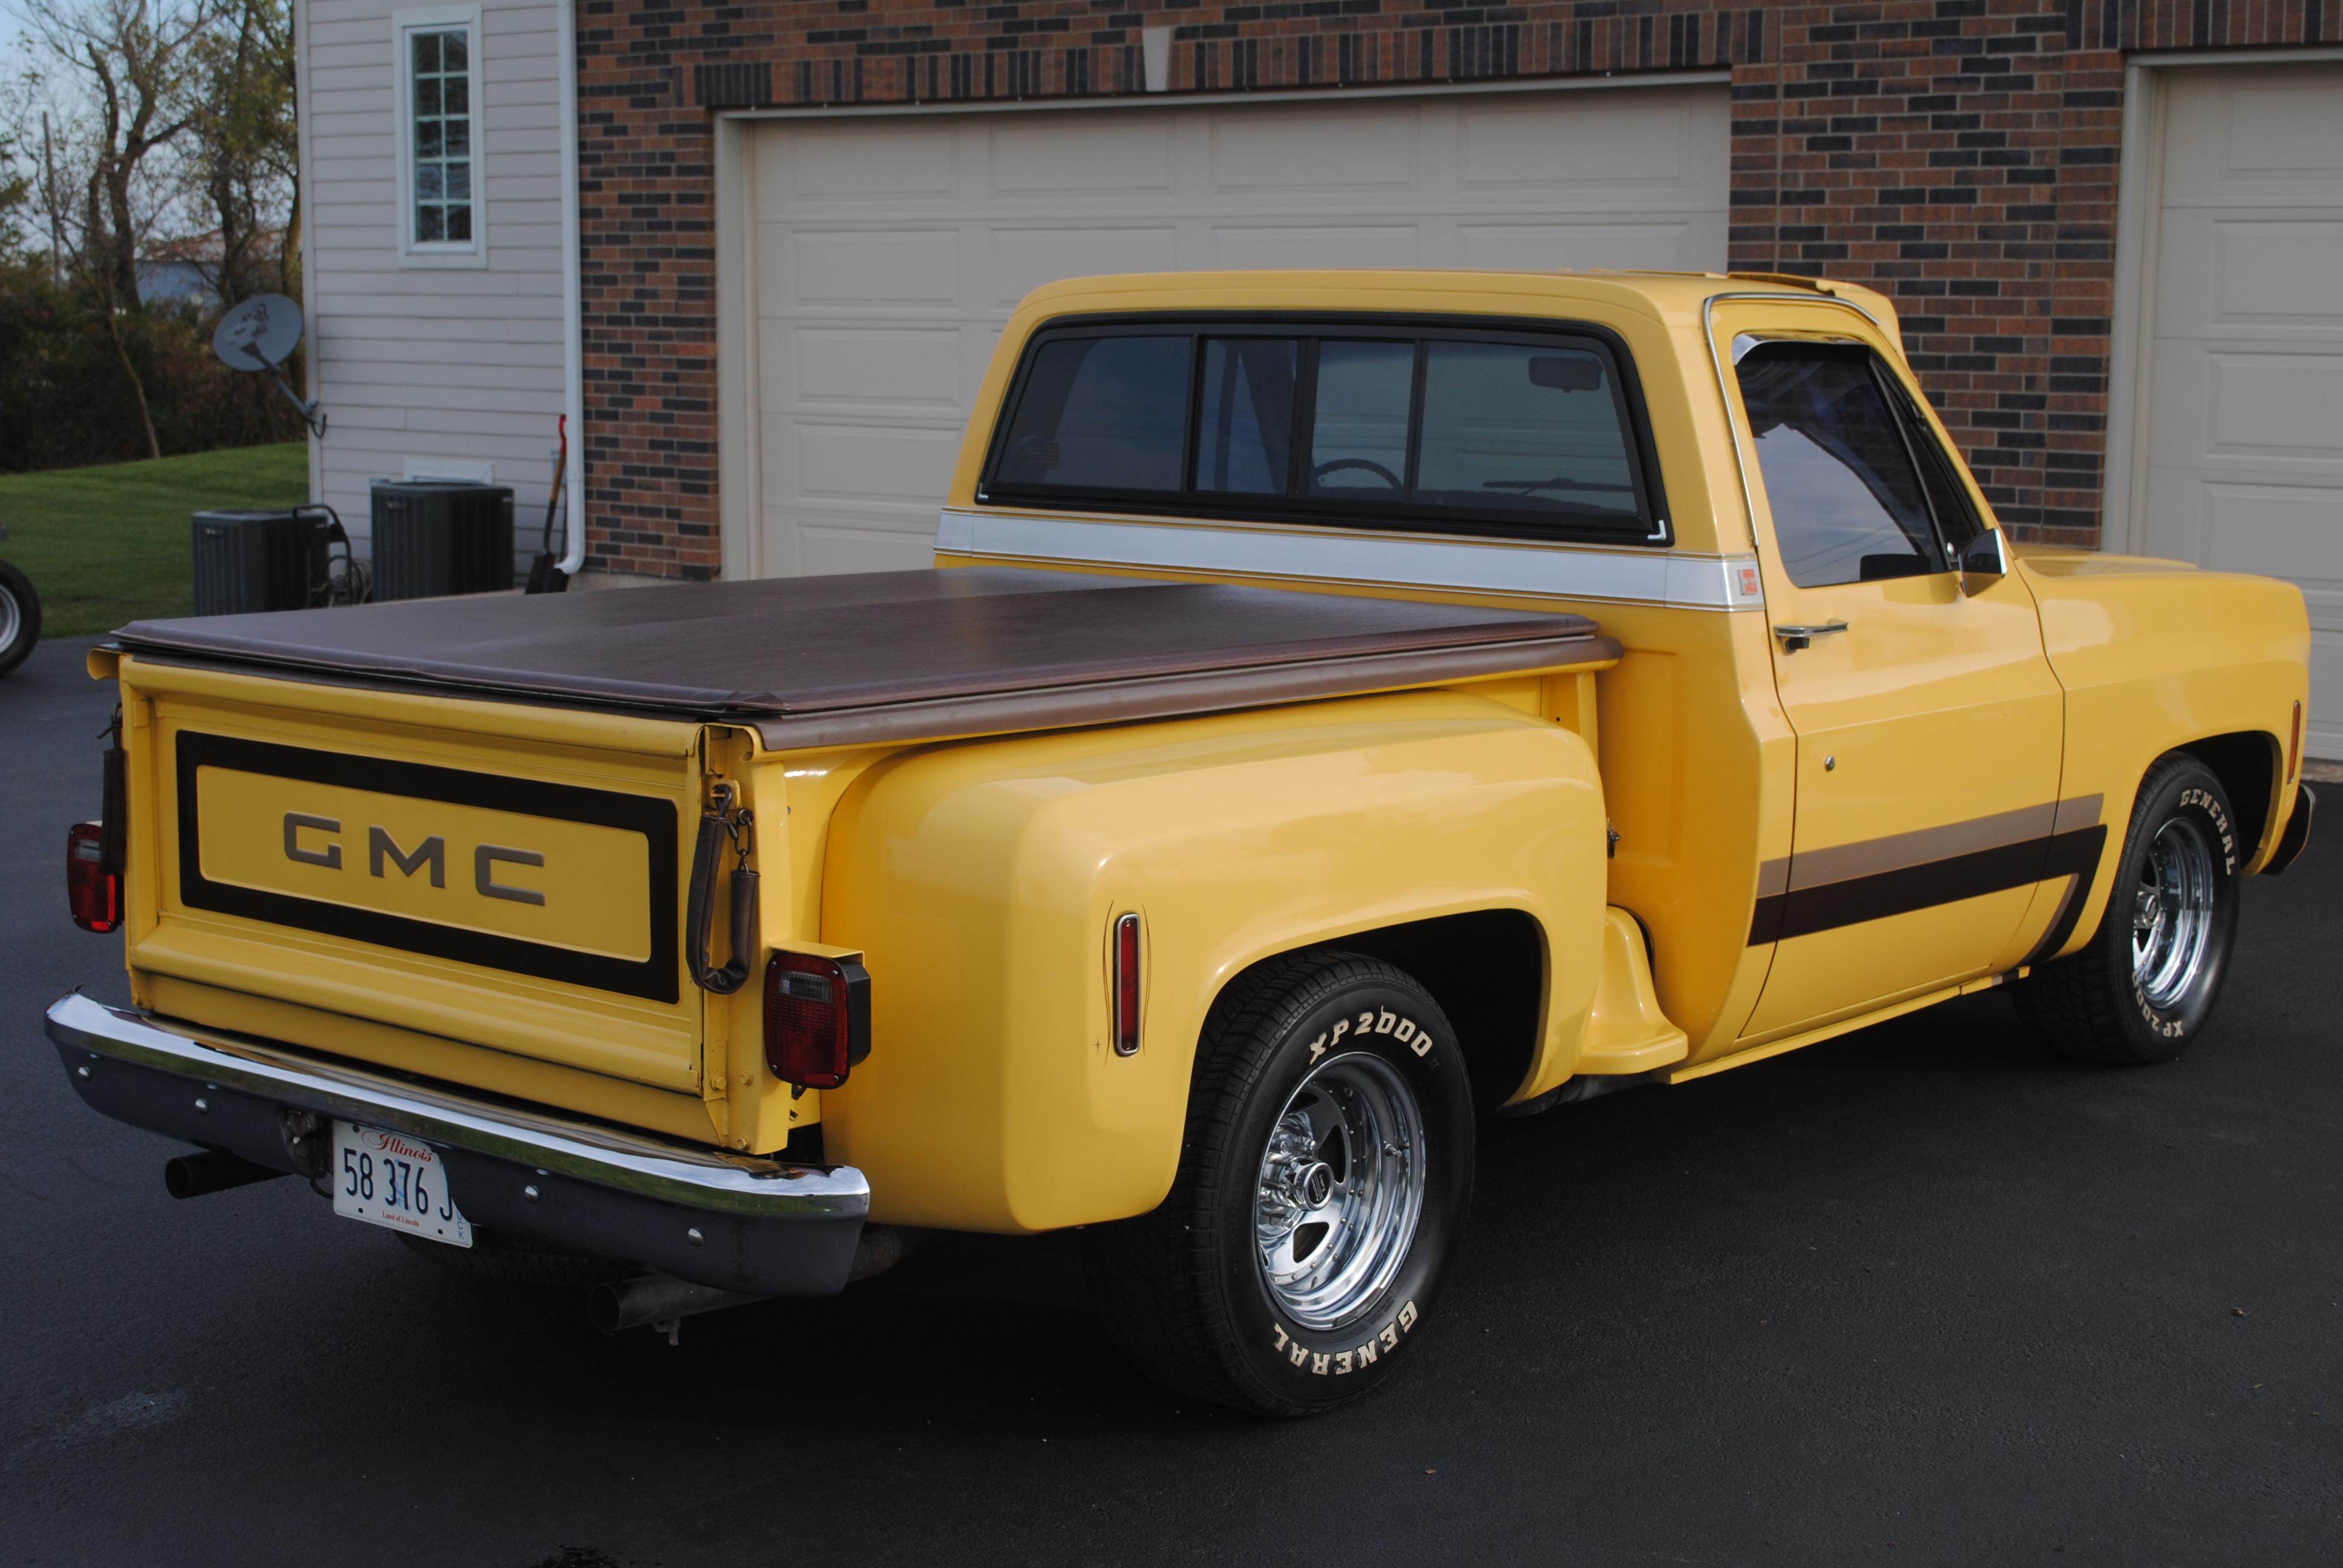 1977 GMC Sierra Pick Up Truck – SOLD